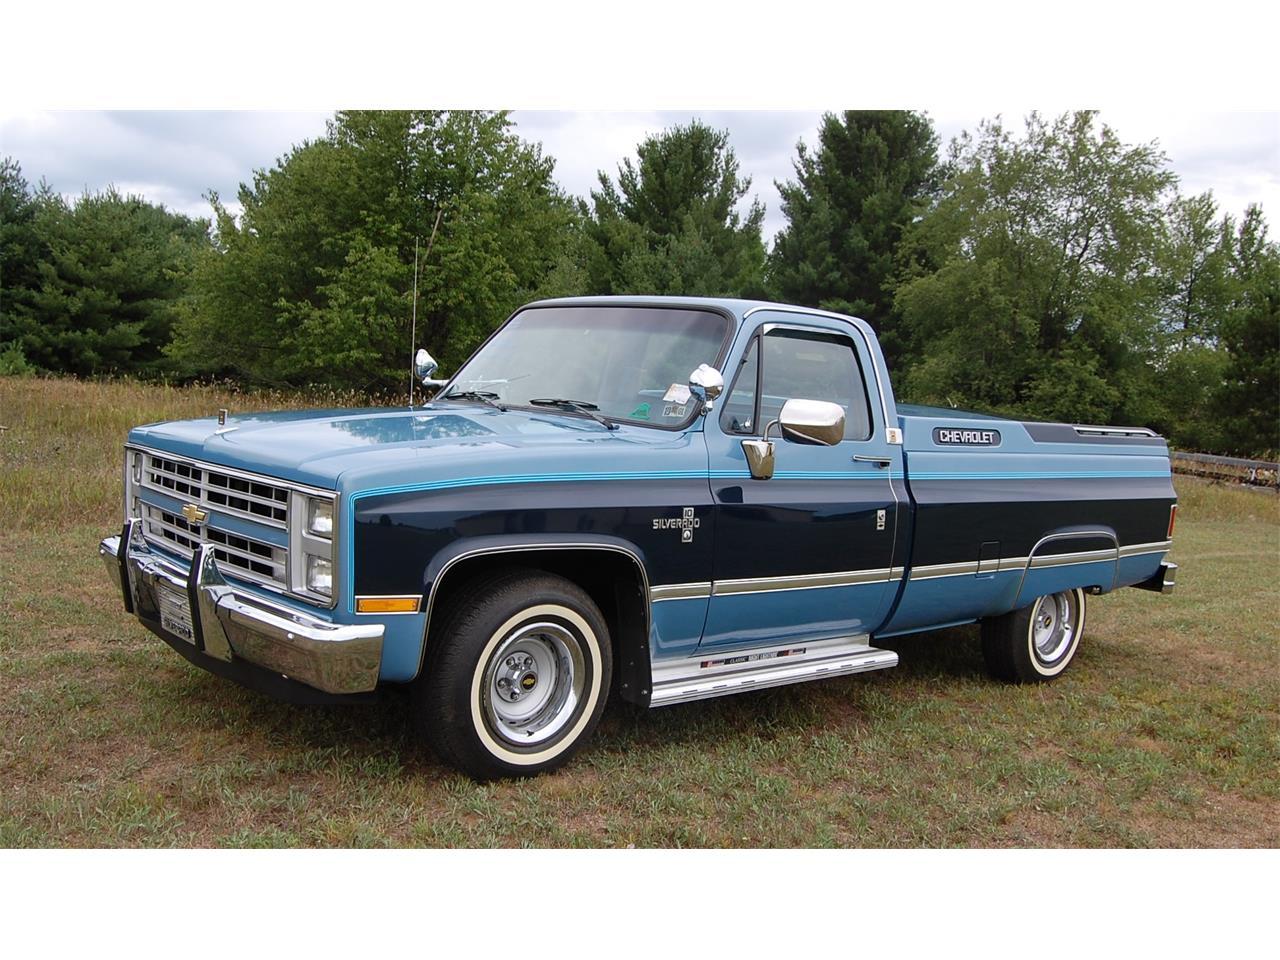 1987 Chevrolet Silverado For Sale Classiccars Com Cc 893247